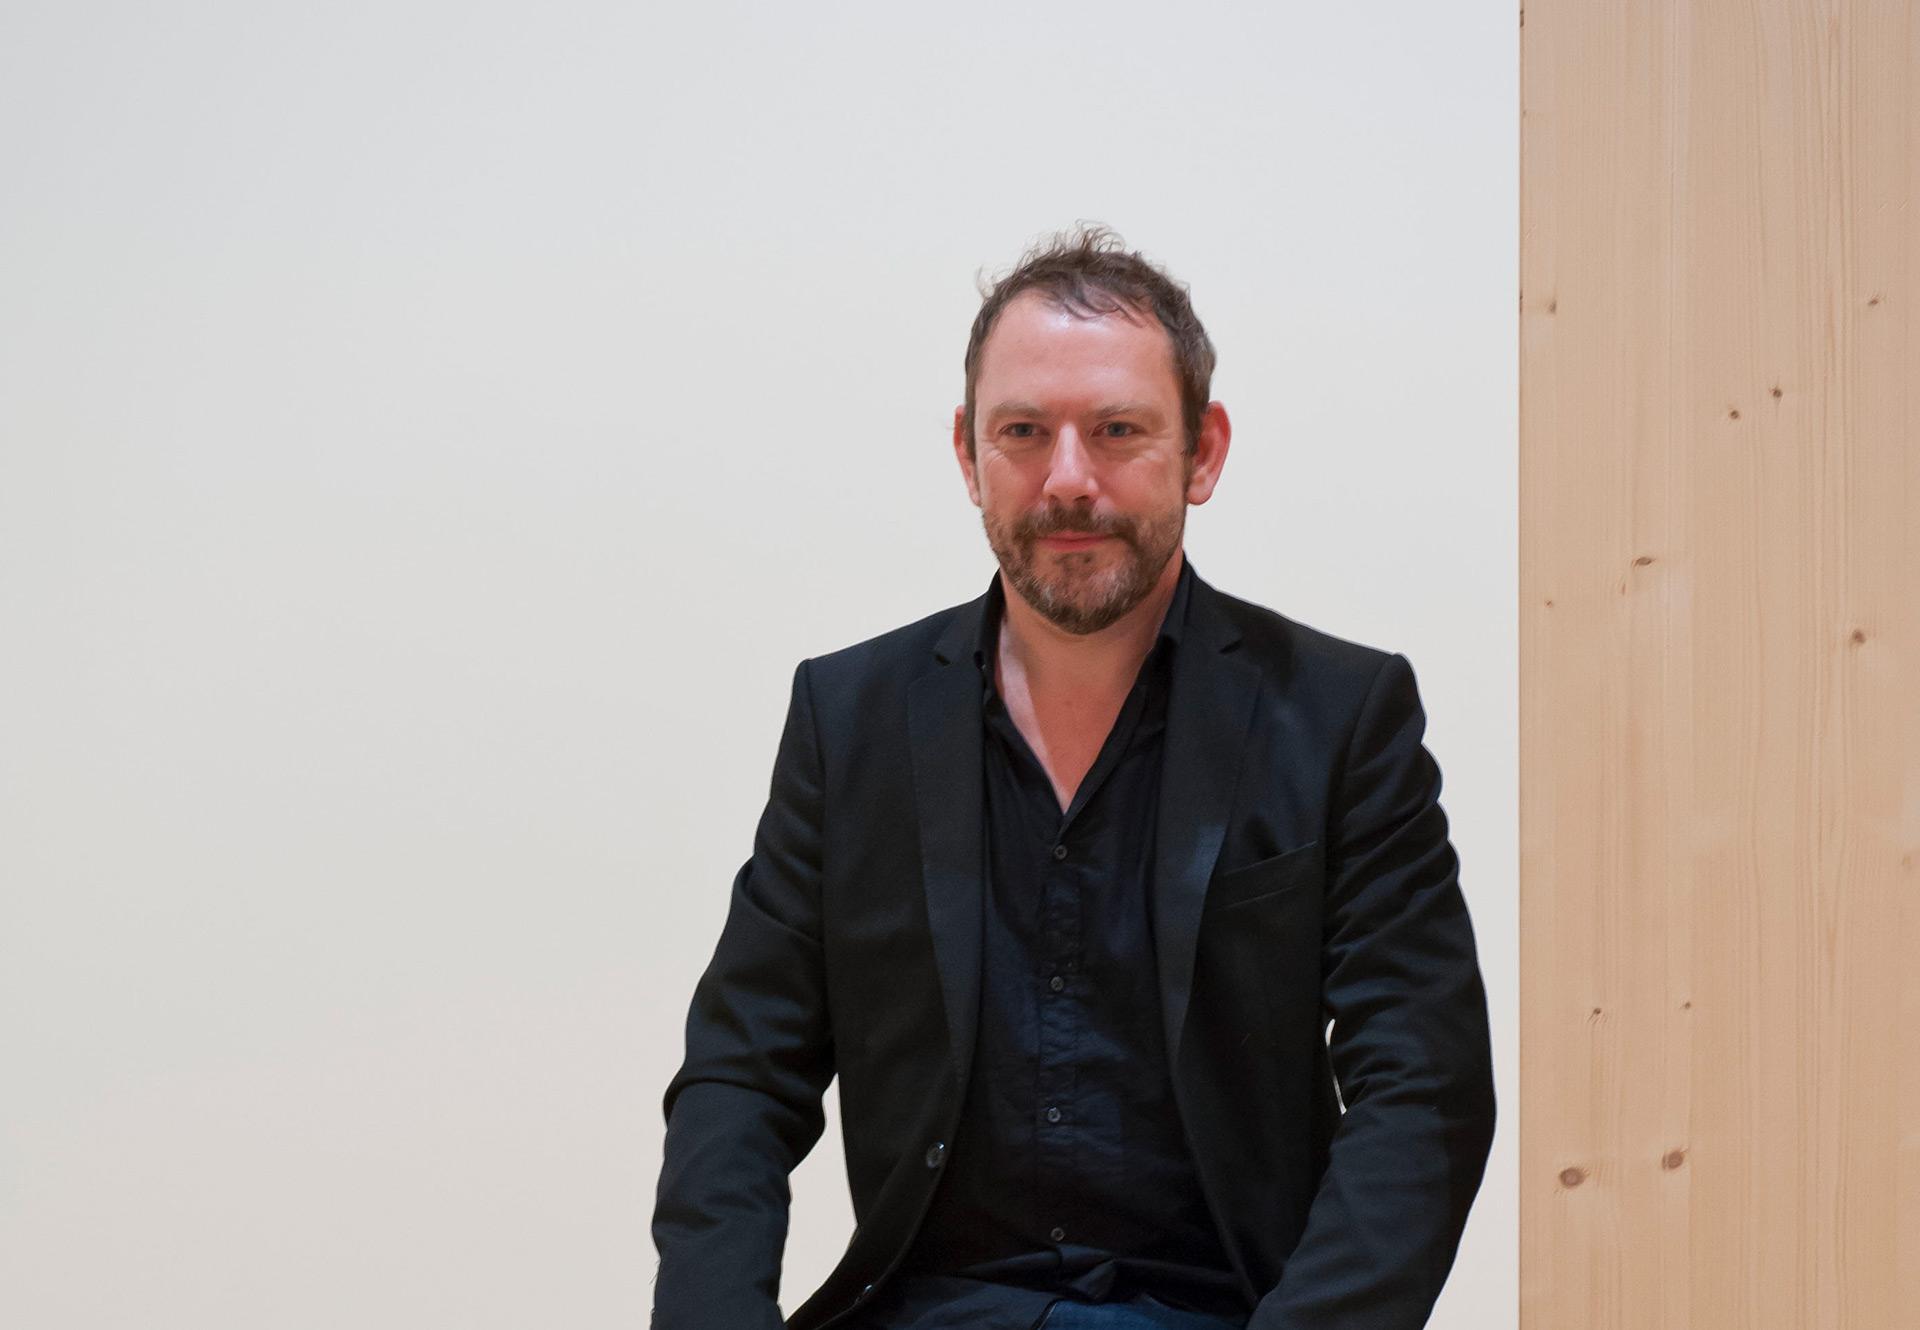 Liam Gillick | Artistas | Guggenheim Bilbao Museoa